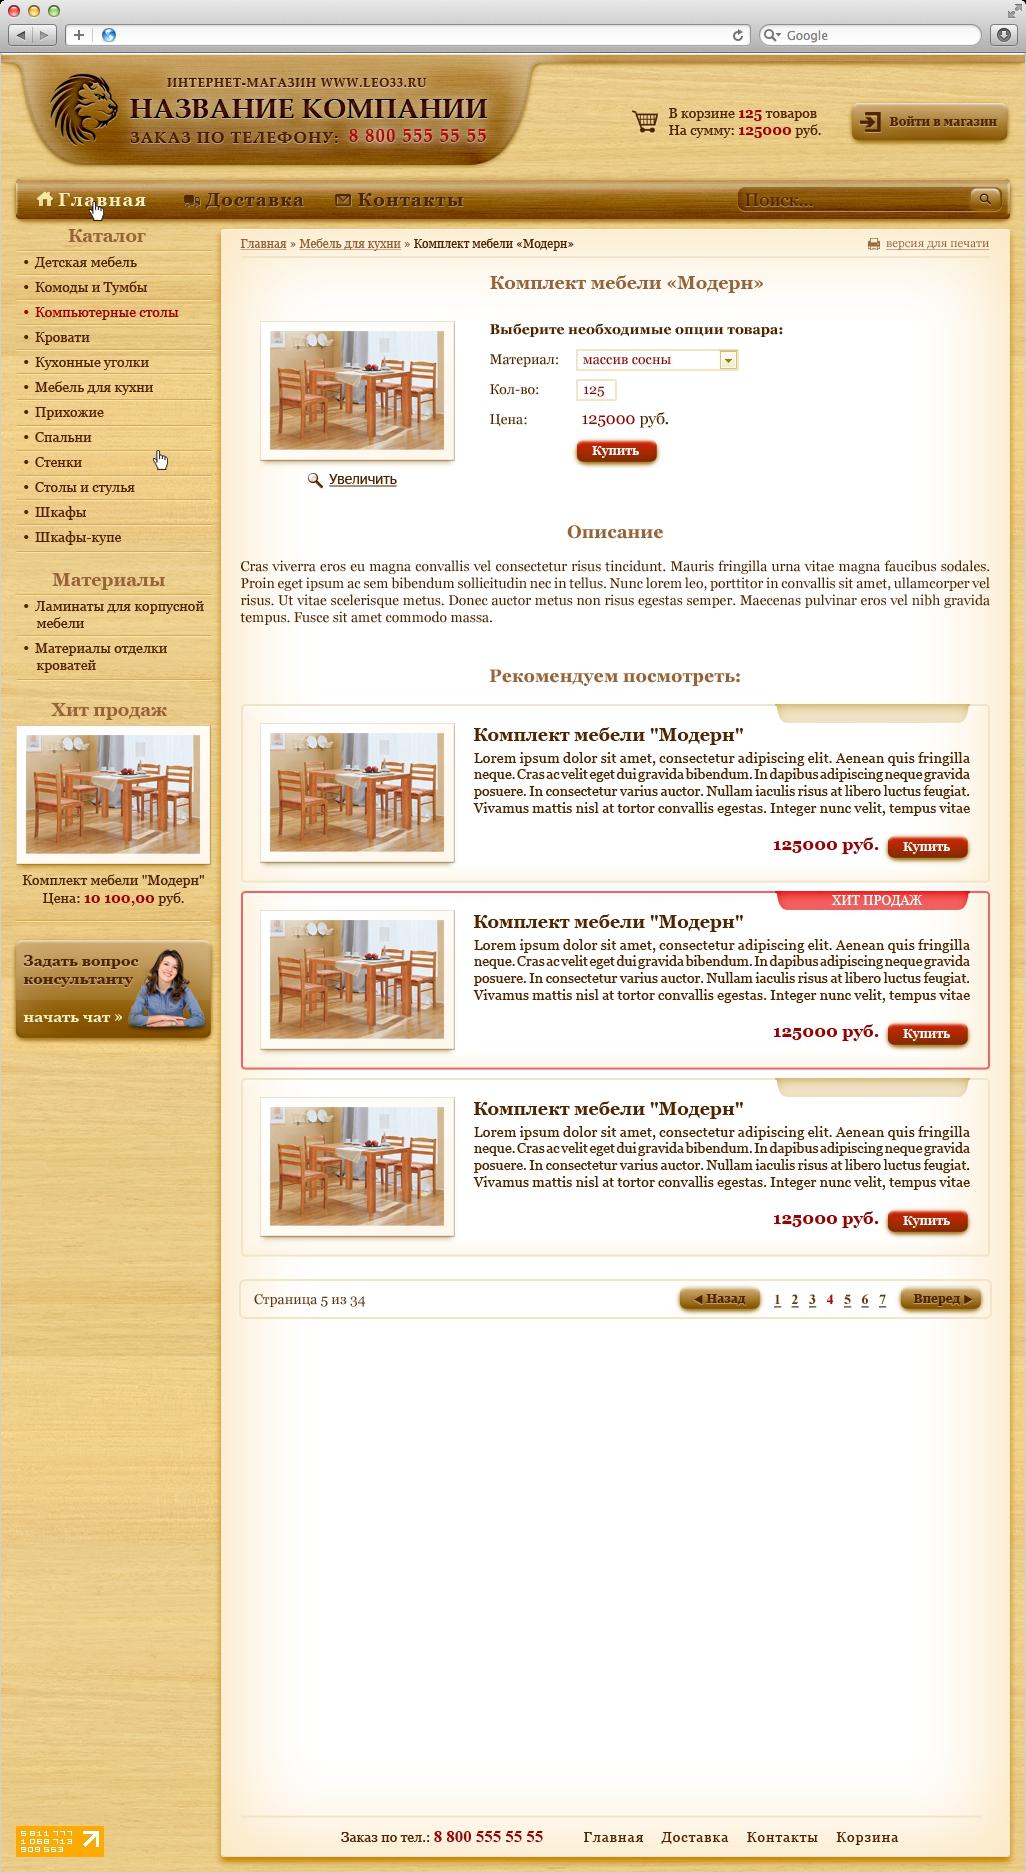 Первоначальная сборка сайта Мебельной фабрики (2013 г.)